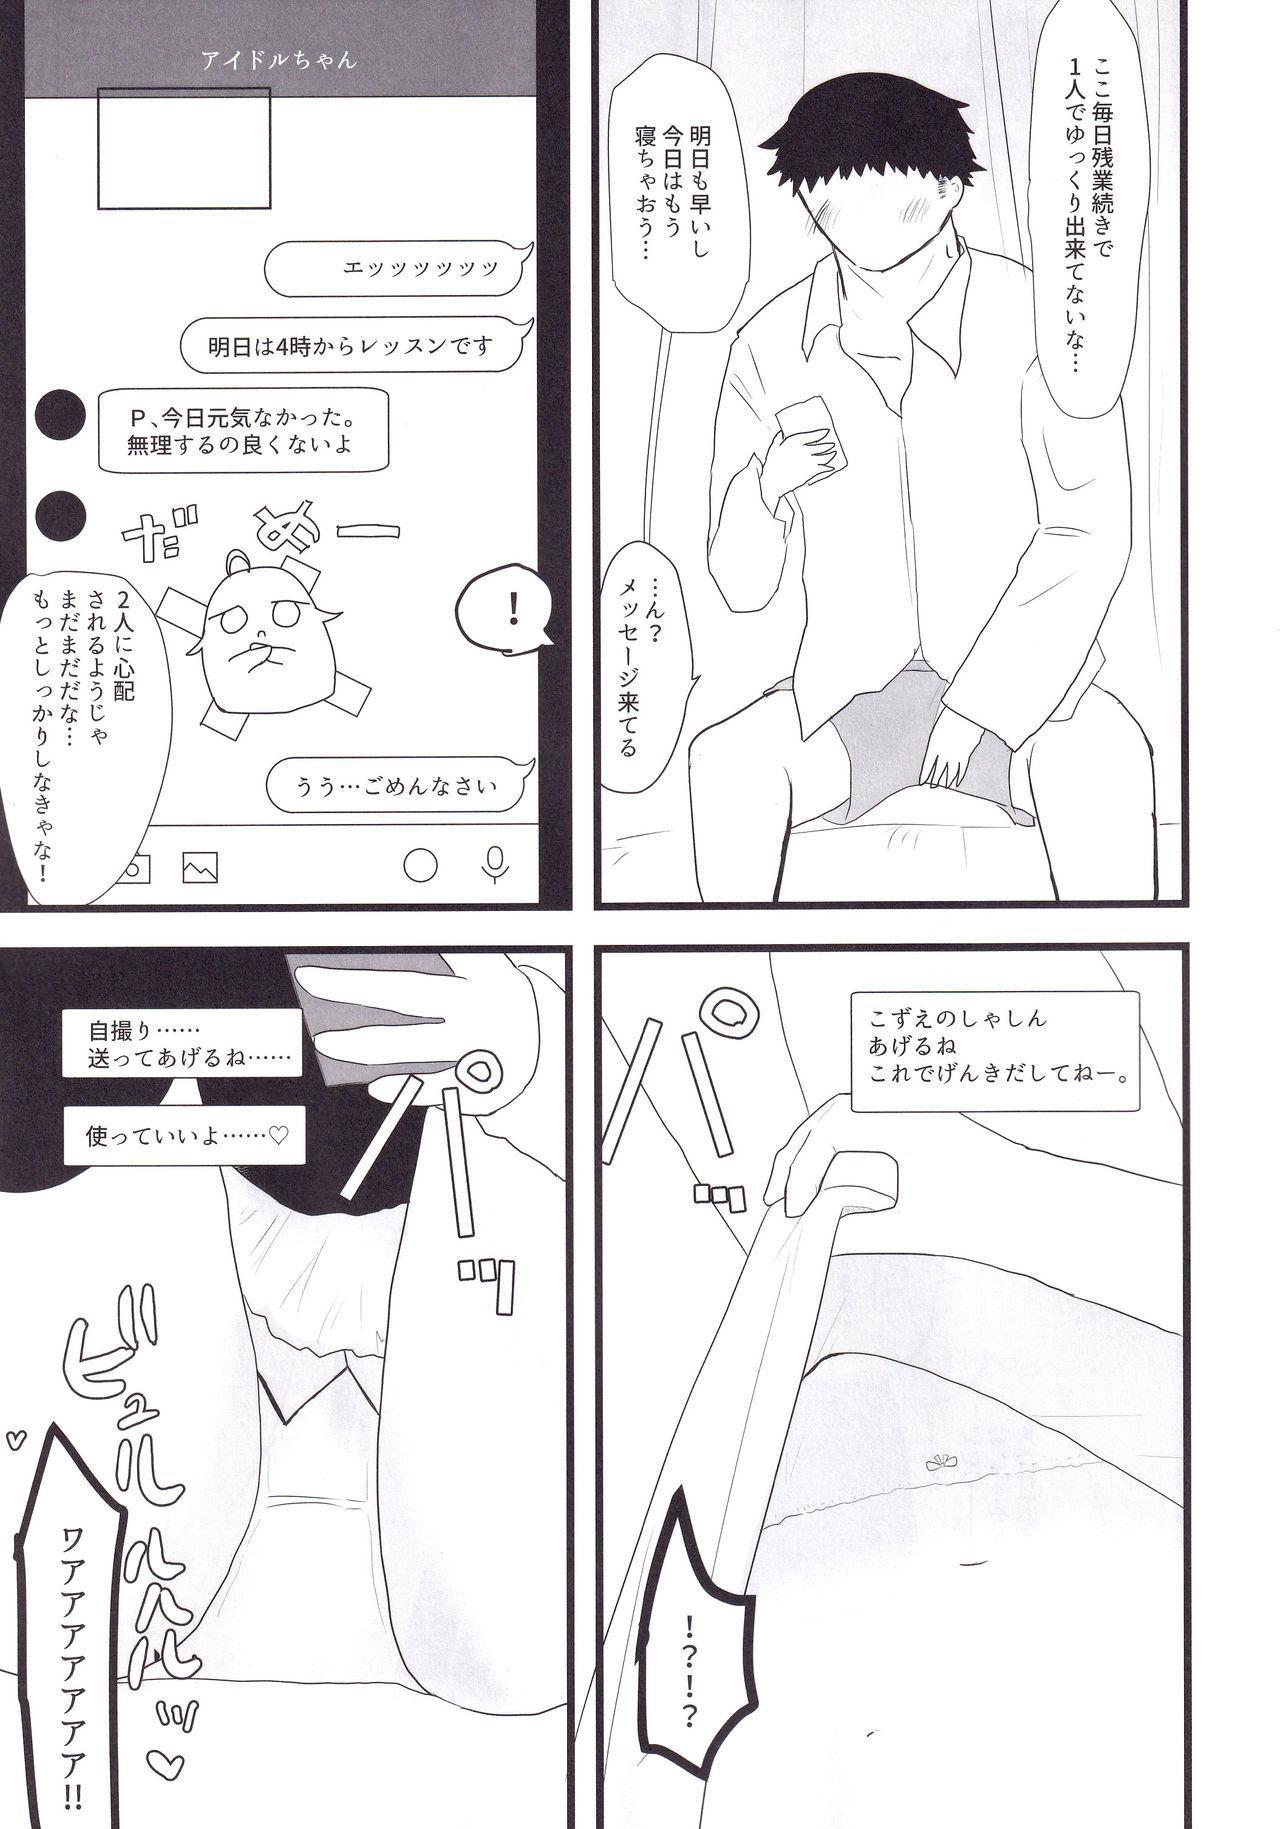 Yukimi to Kozue to Lolicon P to 17